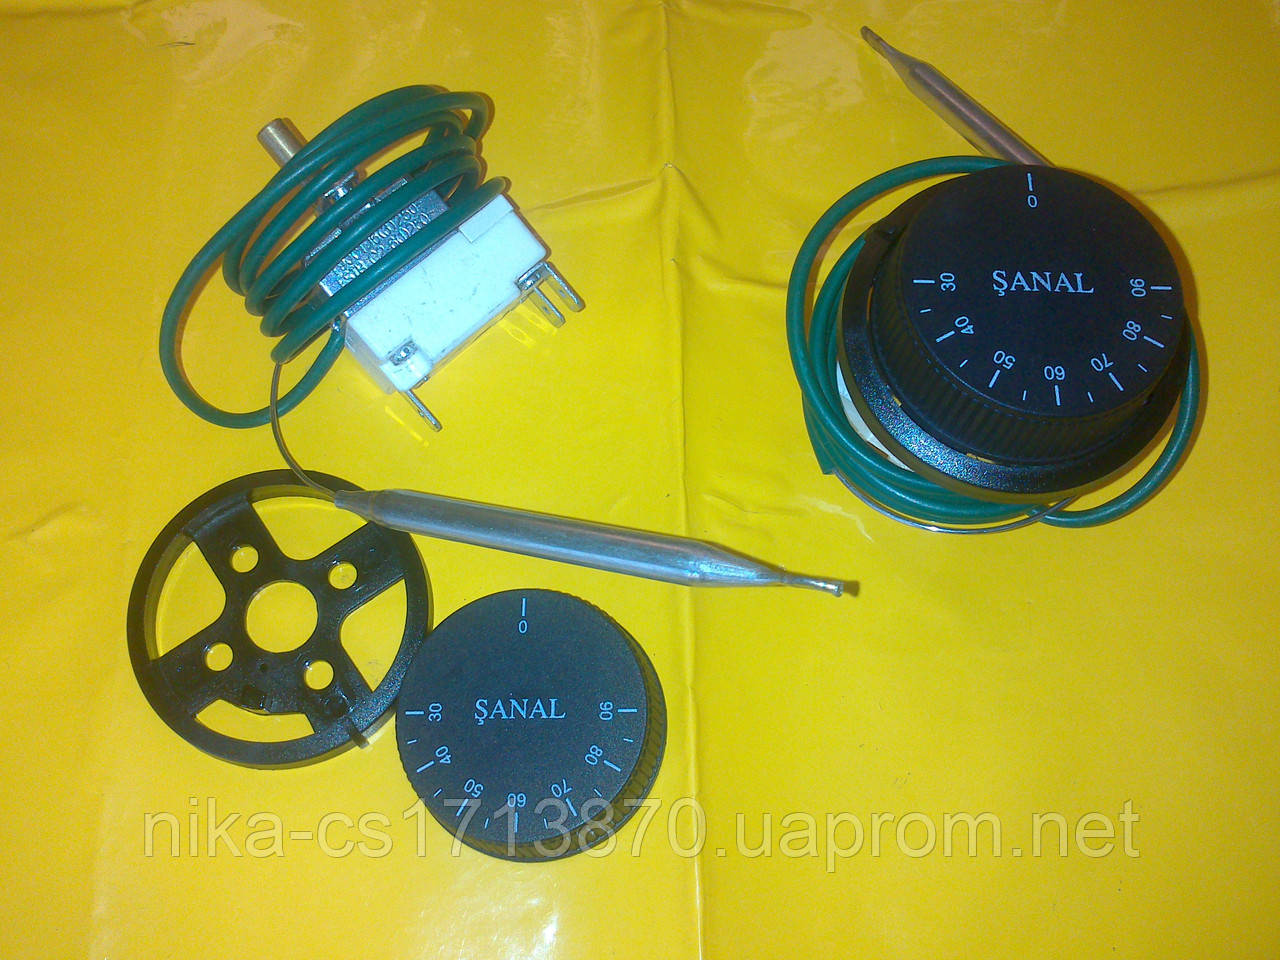 Терморегулятор температуры FSTB ( SANAL ) 30-90 С° с капиляром 16 А / 250 В. производство Турция